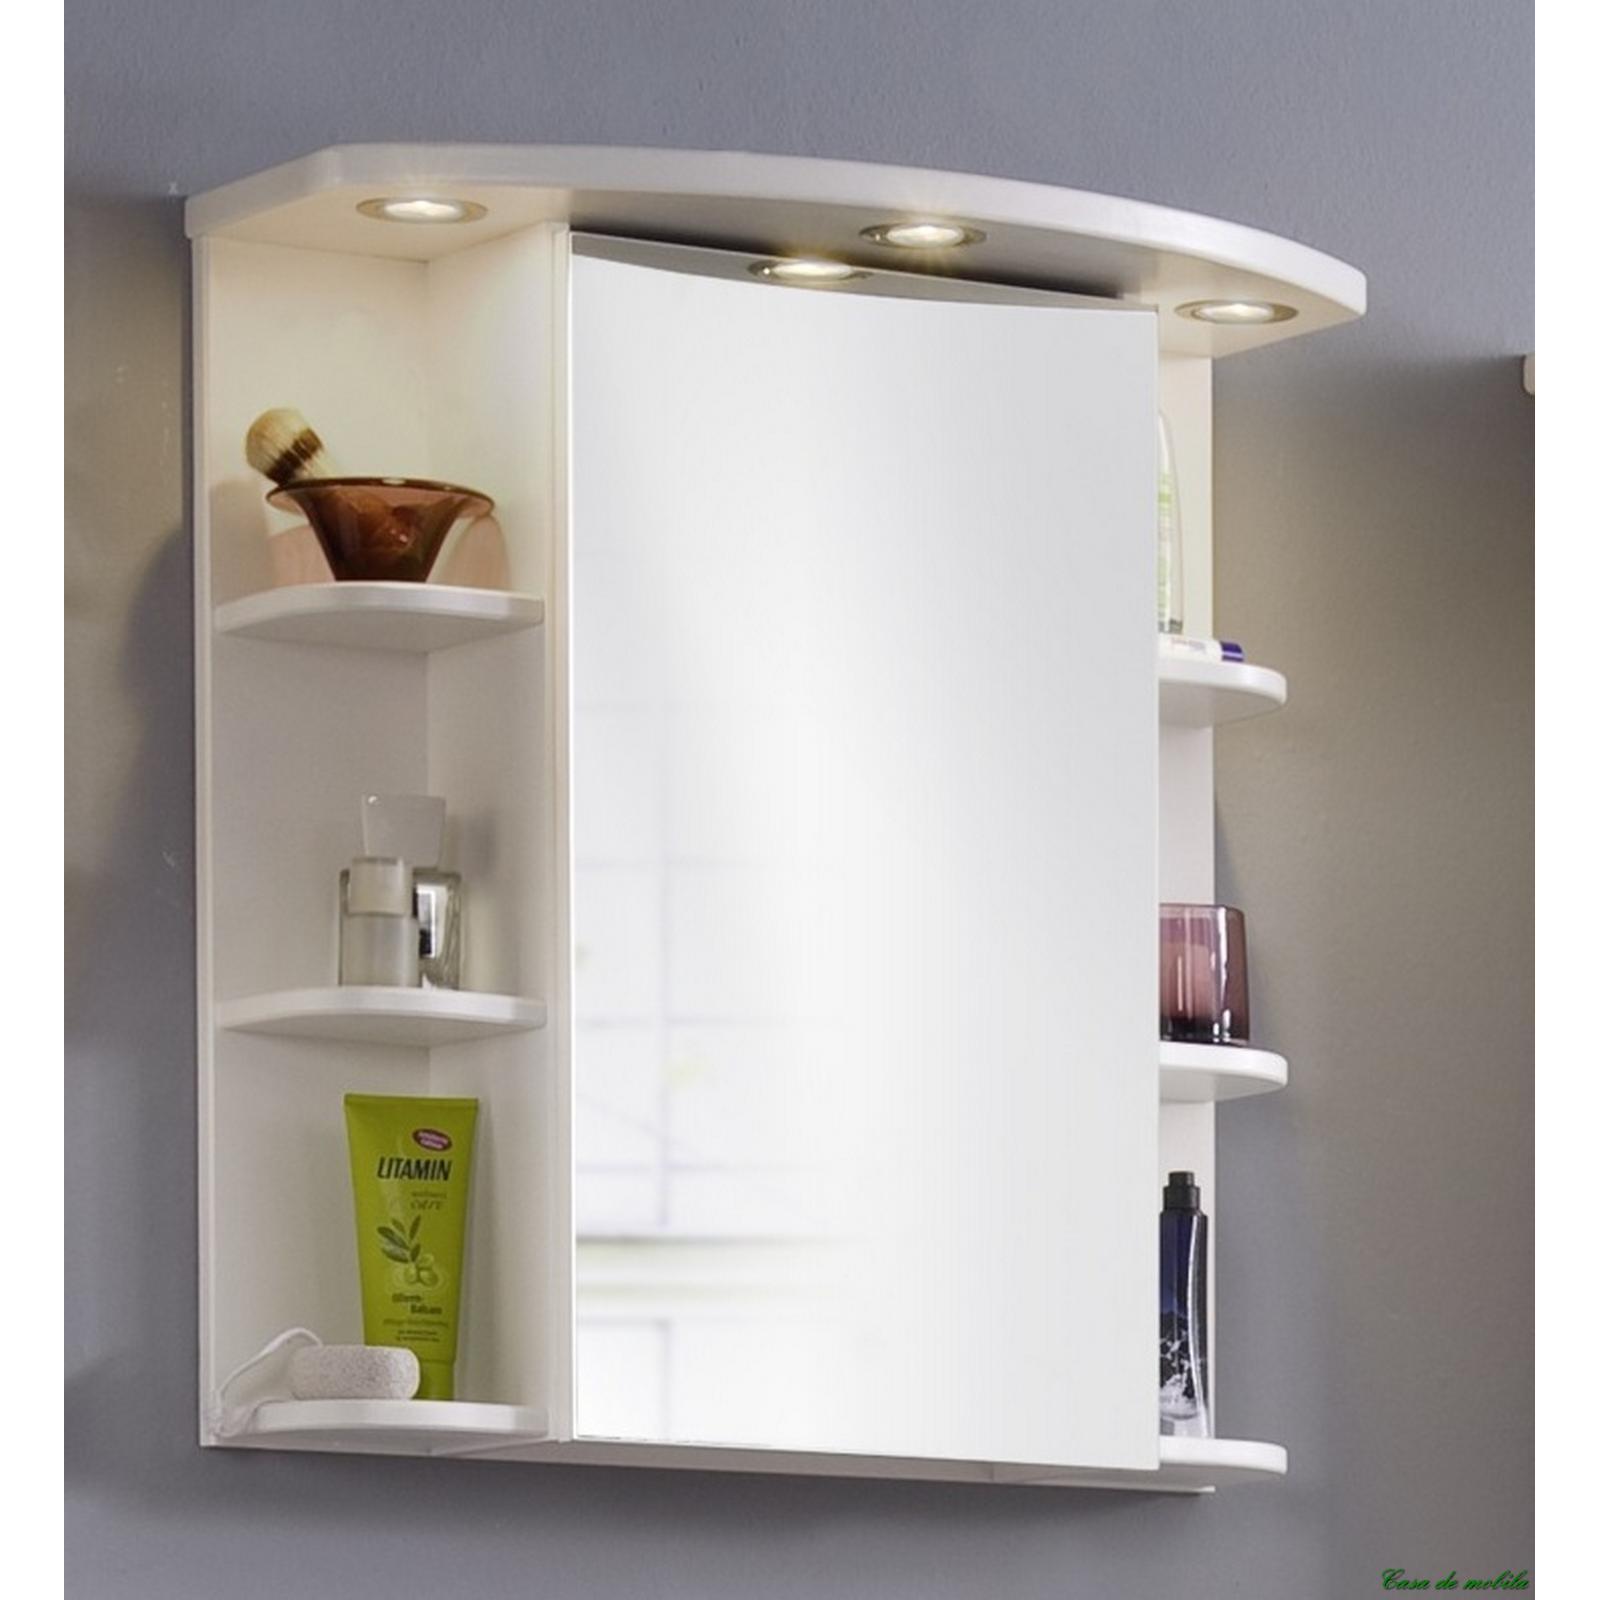 Spiegelschrank mit beleuchtung holz  Badezimmer Spiegelschrank Beleuchtung Holz: Spiegelschr?nke nach ...